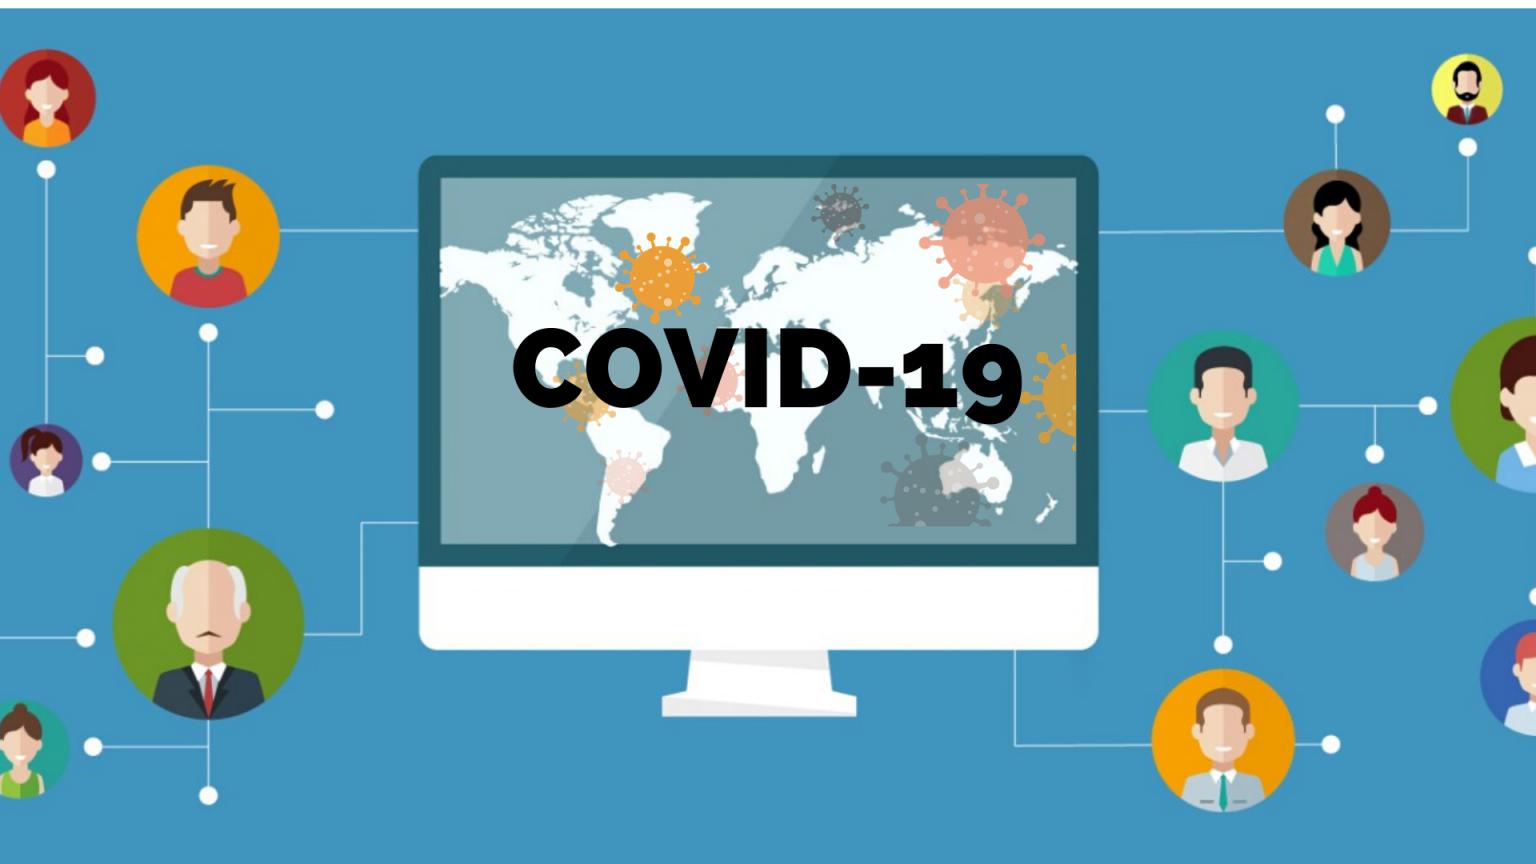 Cómo conectar con tu audiencia en tiempos de coronavirus